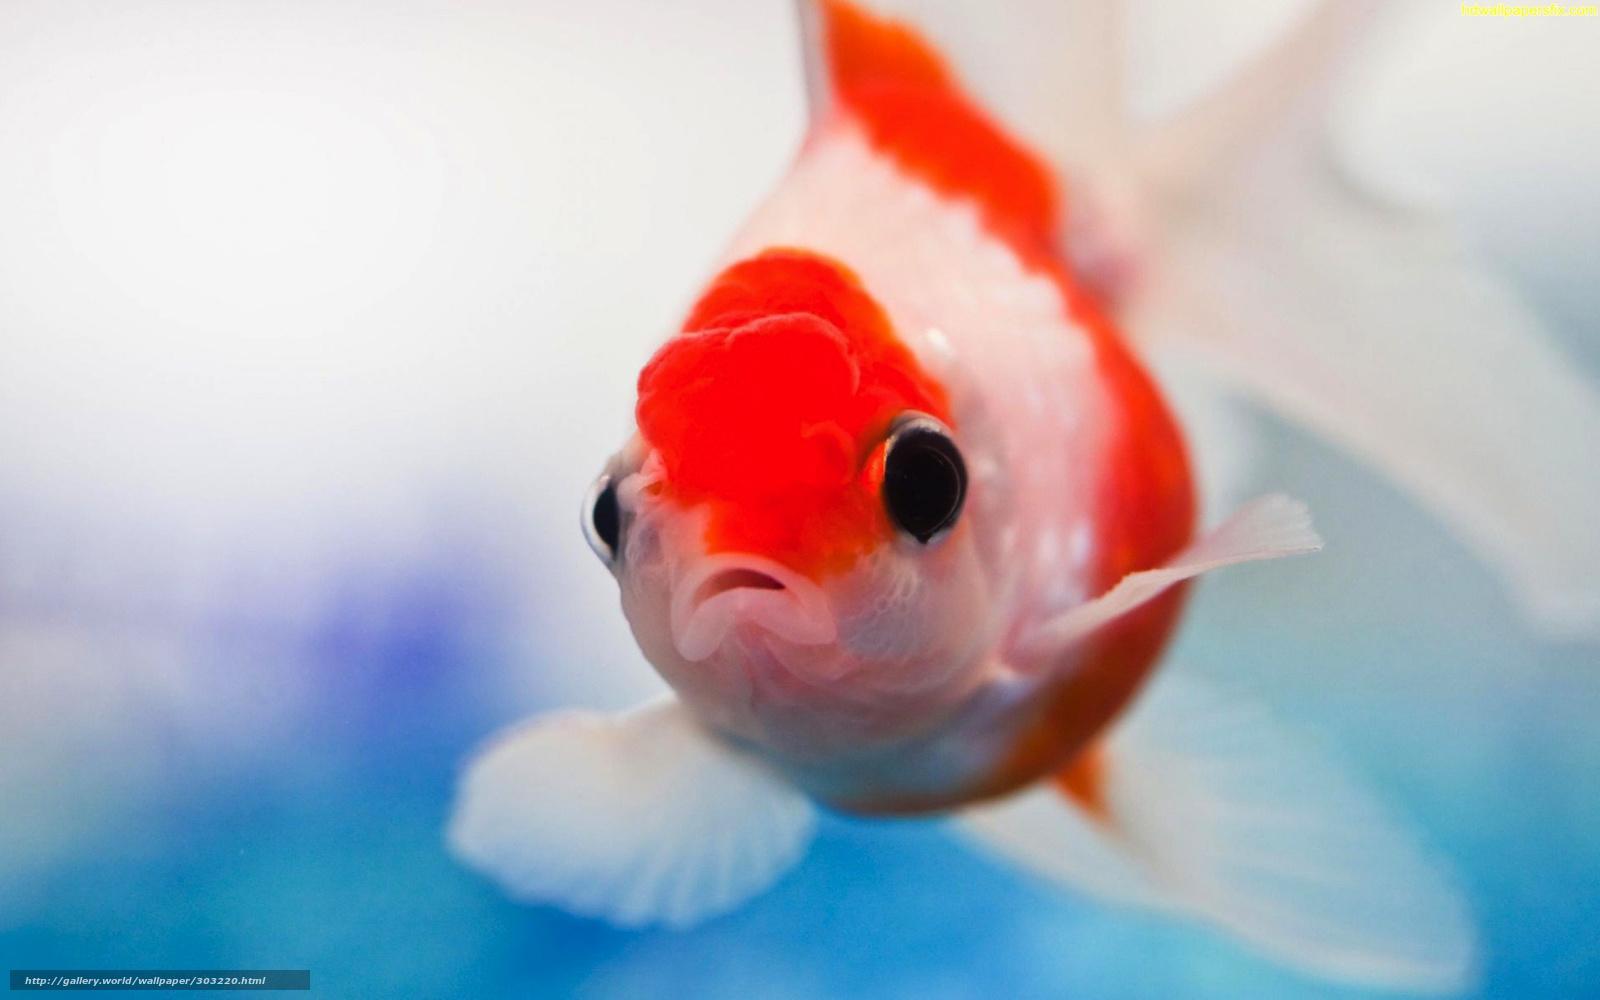 Скачать обои Золотая,   рыбка,   аквариум бесплатно для рабочего стола в разрешении 1920x1200 — картинка №303220